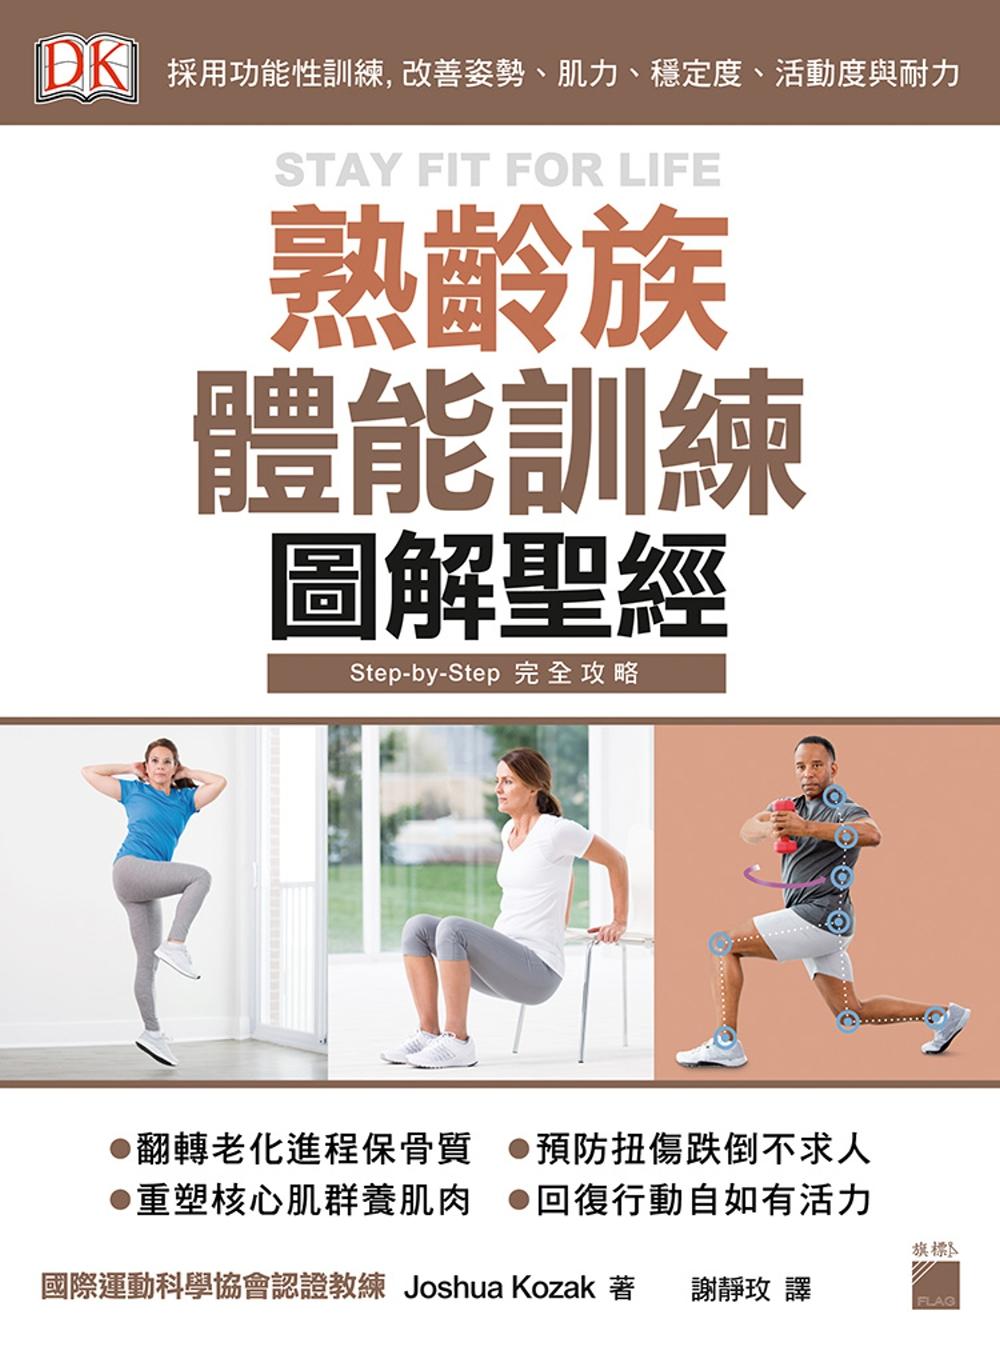 熟齡族體能訓練圖解聖經:採用功能性訓練, 改善姿勢、肌力、穩定度、活動度與耐力